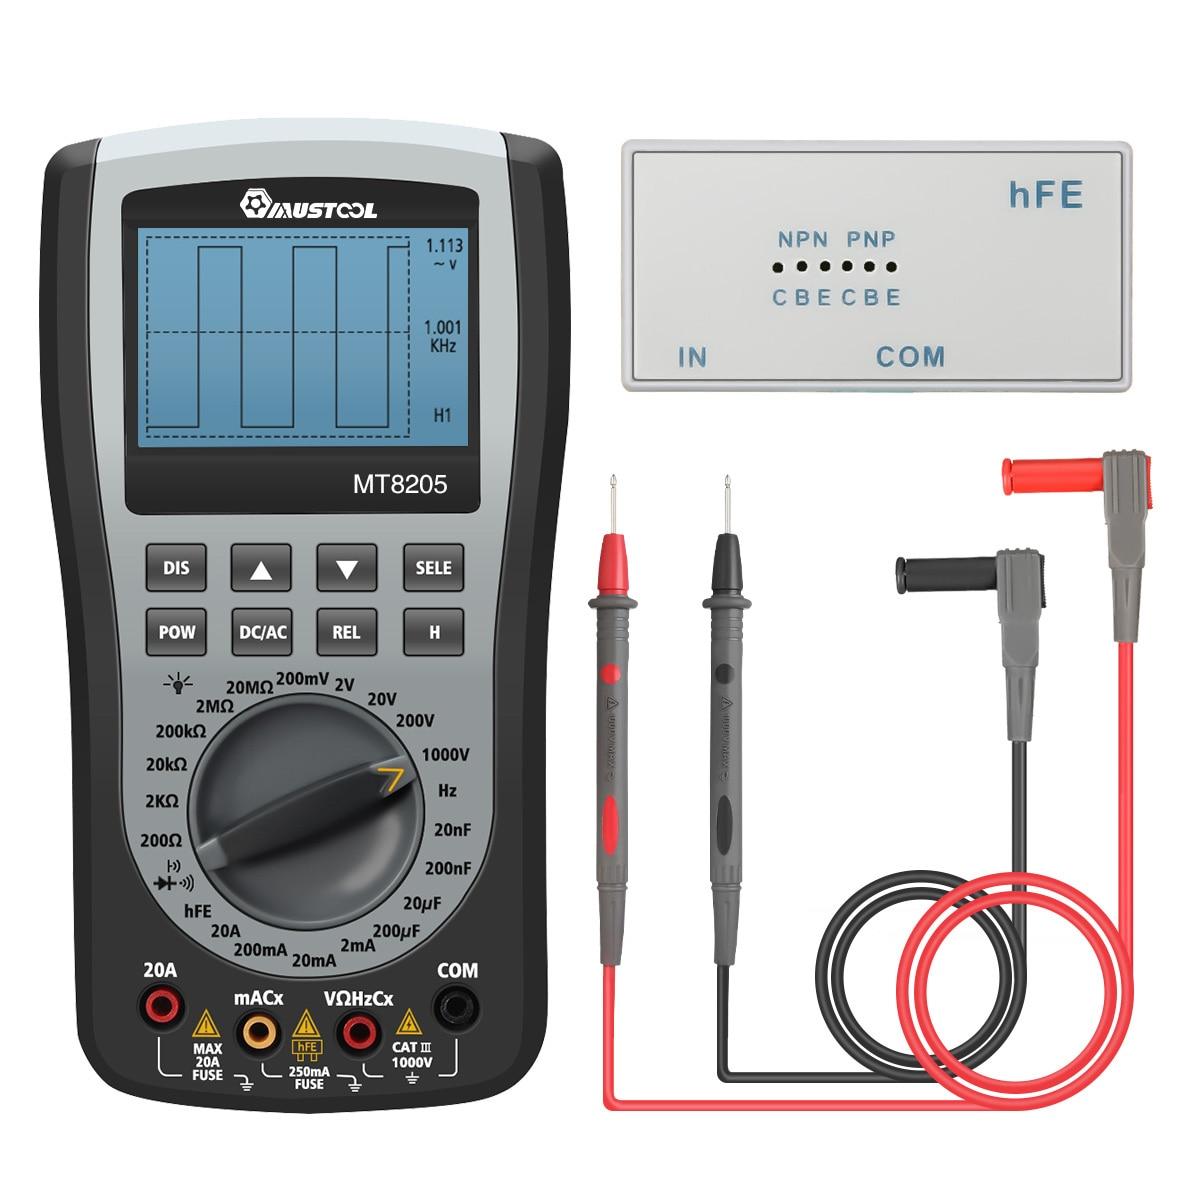 Mutabouret MT8205 2 en 1 numérique Intelligent portable stockage Oscilloscope multimètre courant tension résistance fréquence testeur